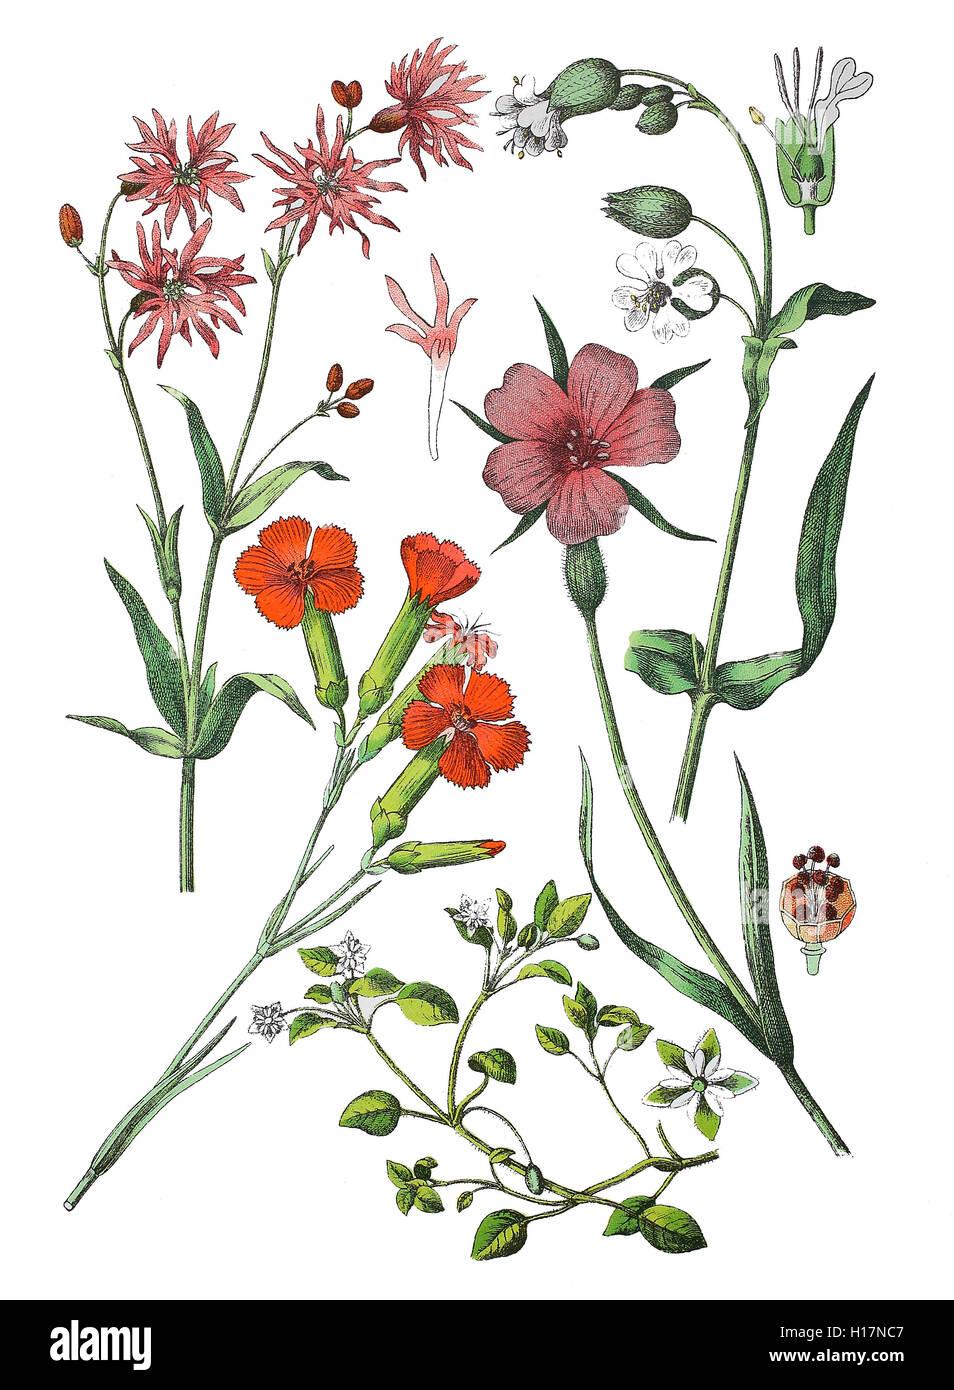 Kuckucks-Lichtnelke, Lychnis flos-cuculi (links oben), Gartennelke, Landnelke oder Edel-Nelke, Dianthus caryophyllus - Stock Image